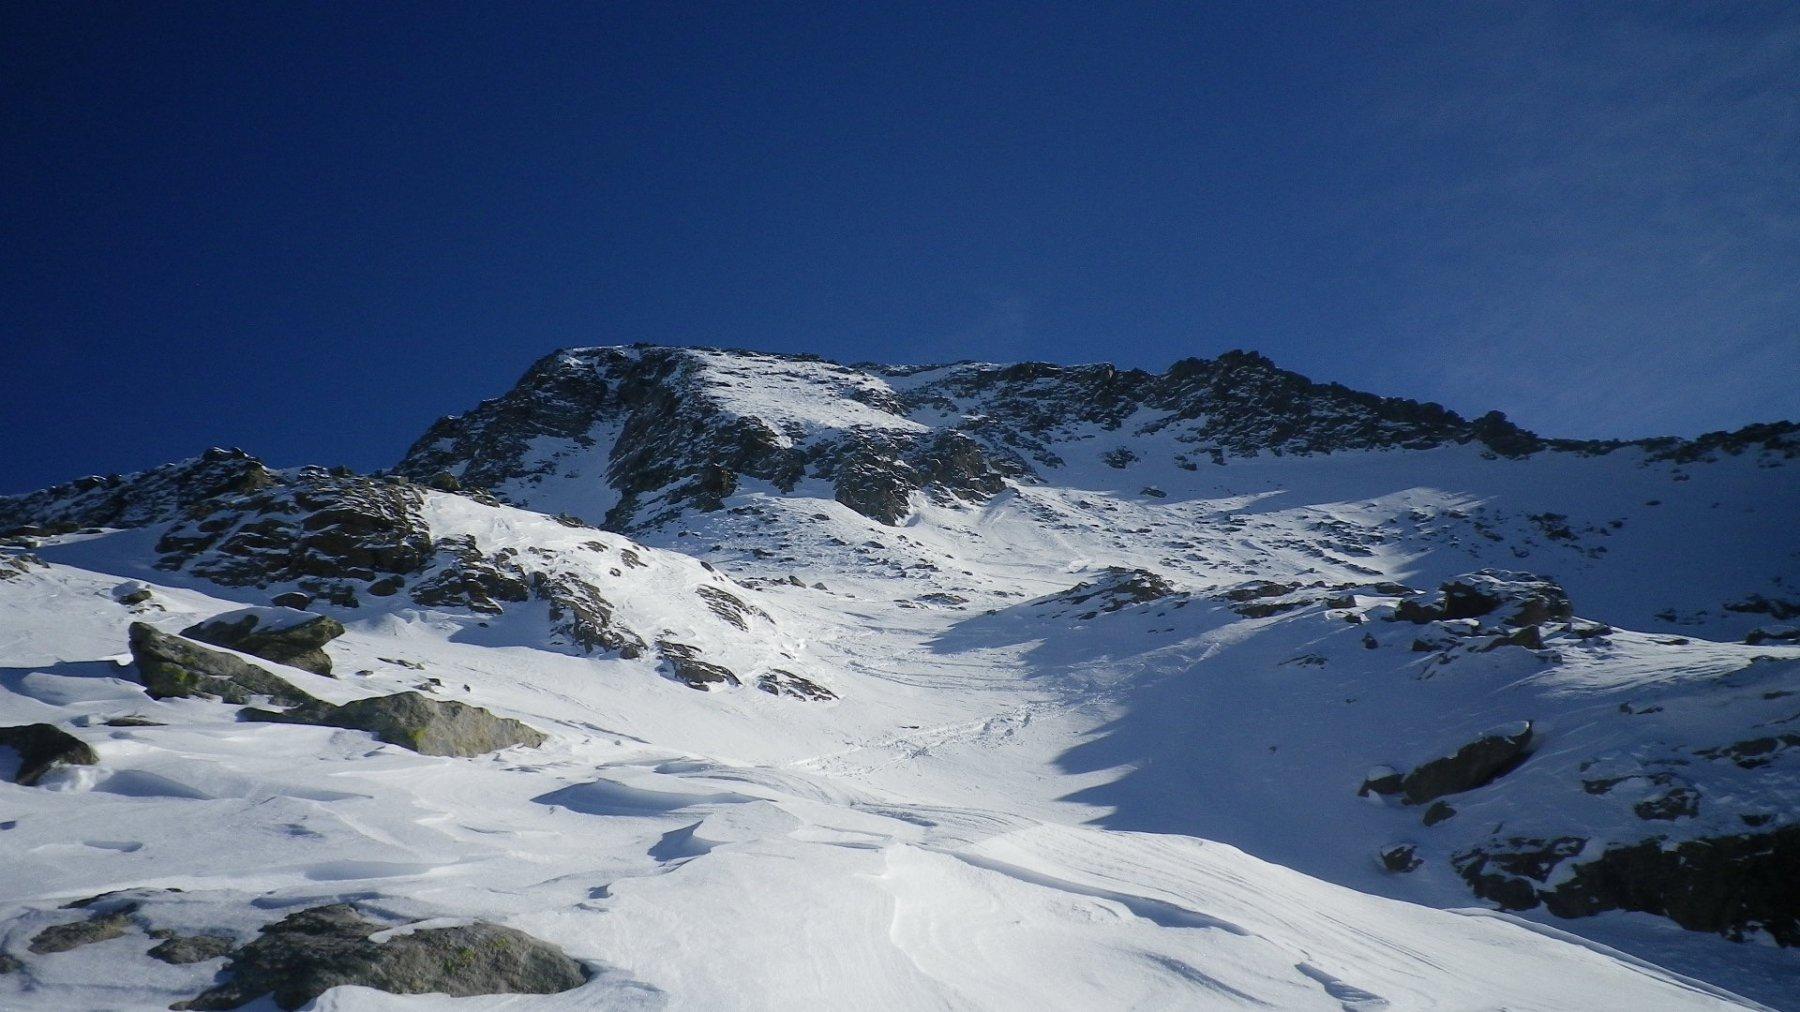 La cima e la prima parte di discesa. Di qui in giù, 800 mt di battaglia